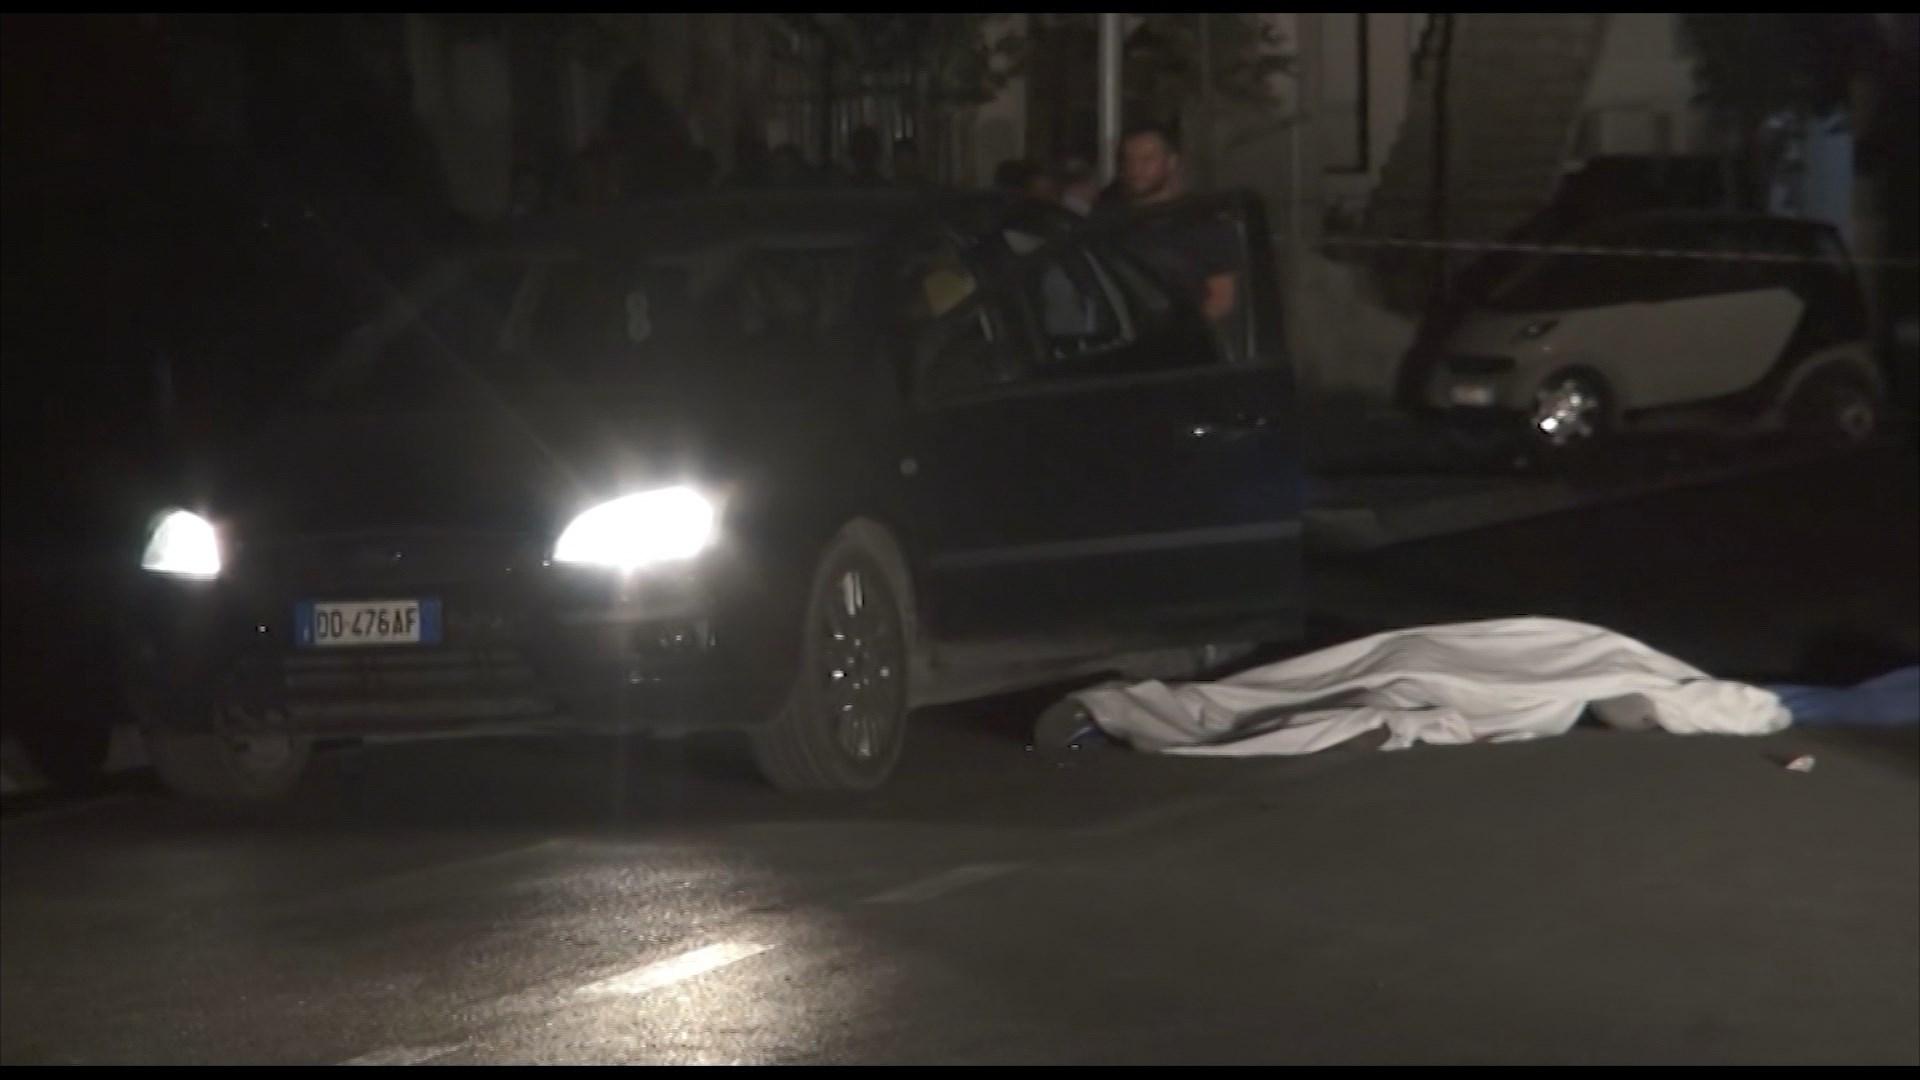 Atentat në Vlorë, vritet pronari i një lokali nga persona të paidentifikuar